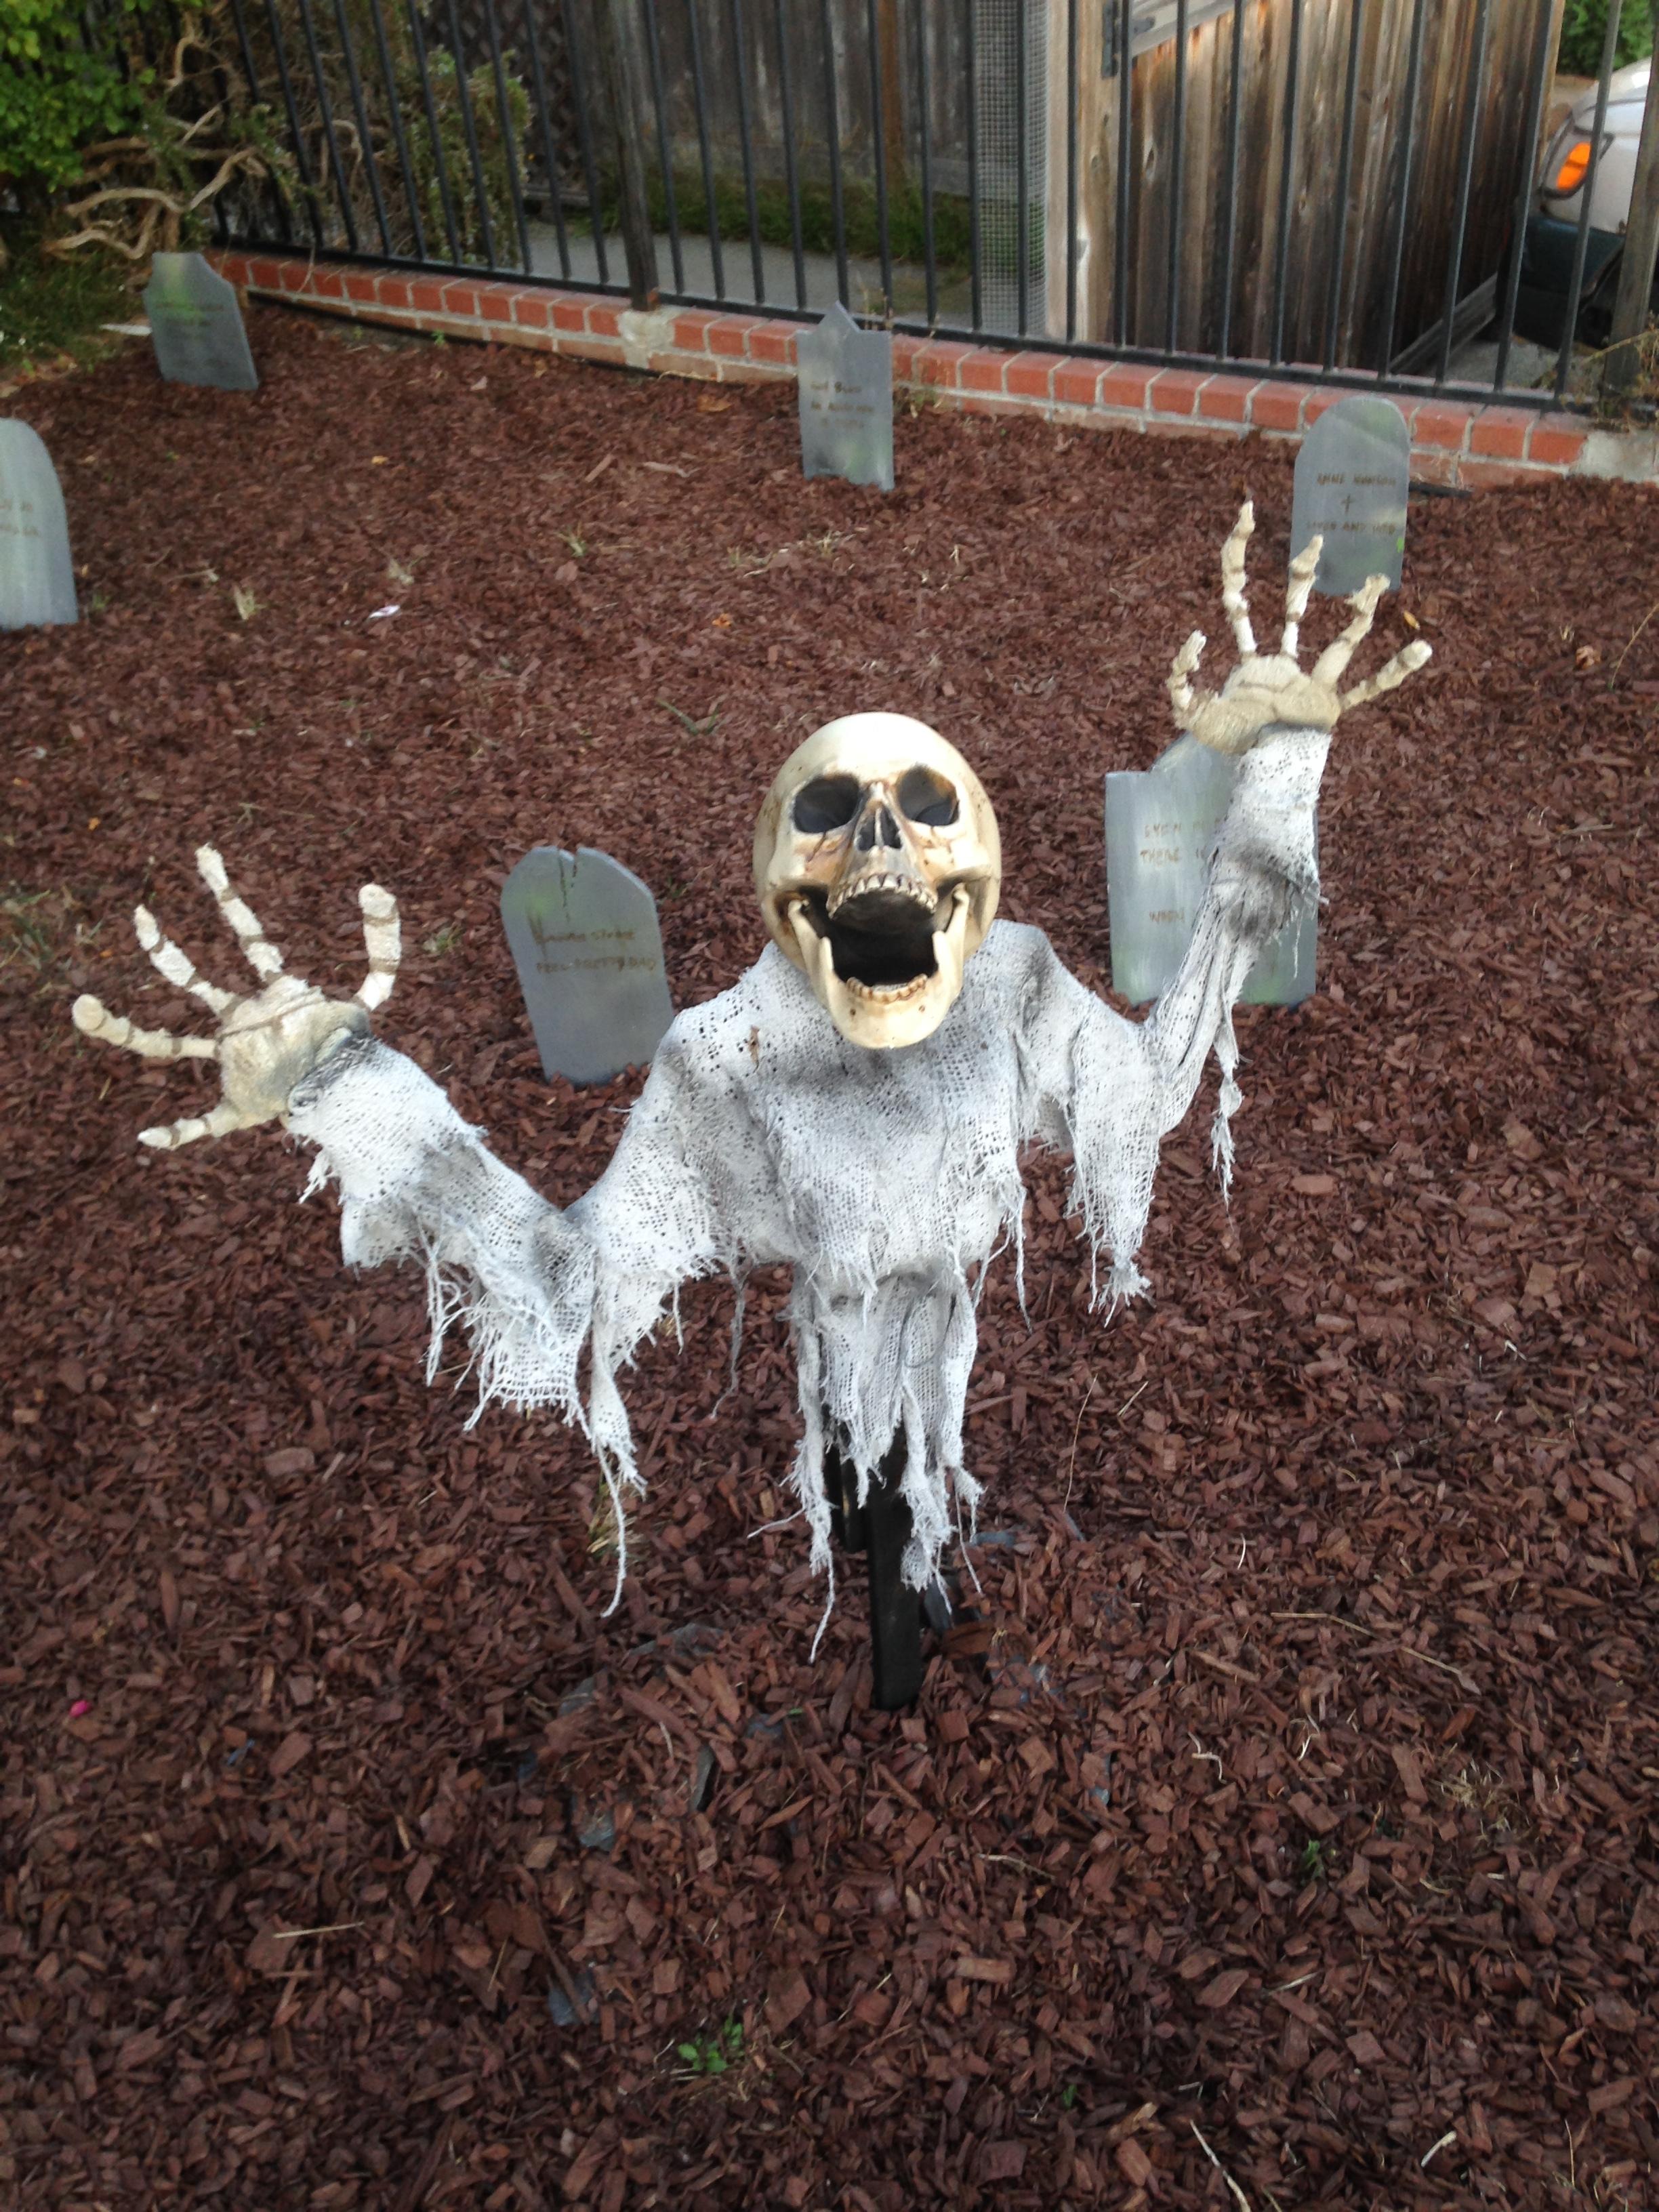 Ghost_skull_keaneggett_kean_halloween